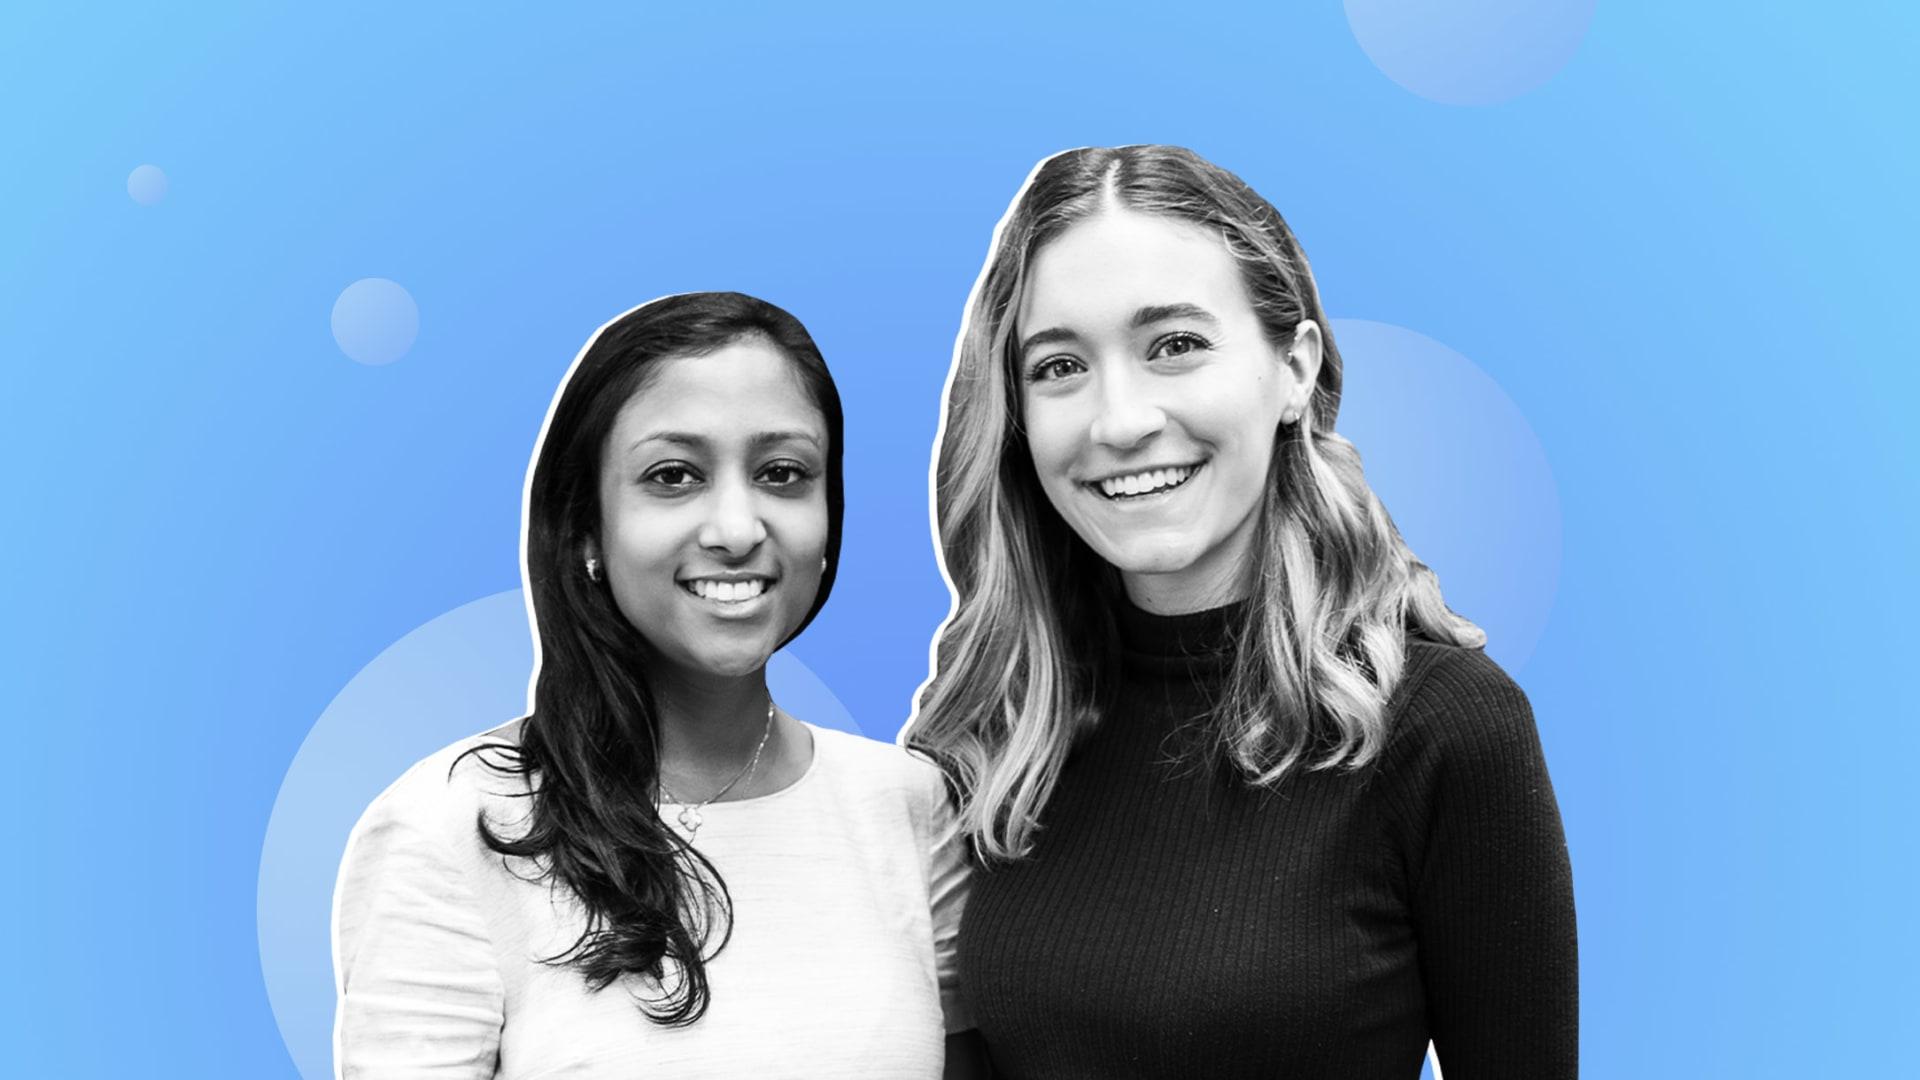 Priyanka Jain and Laine Bruzek.